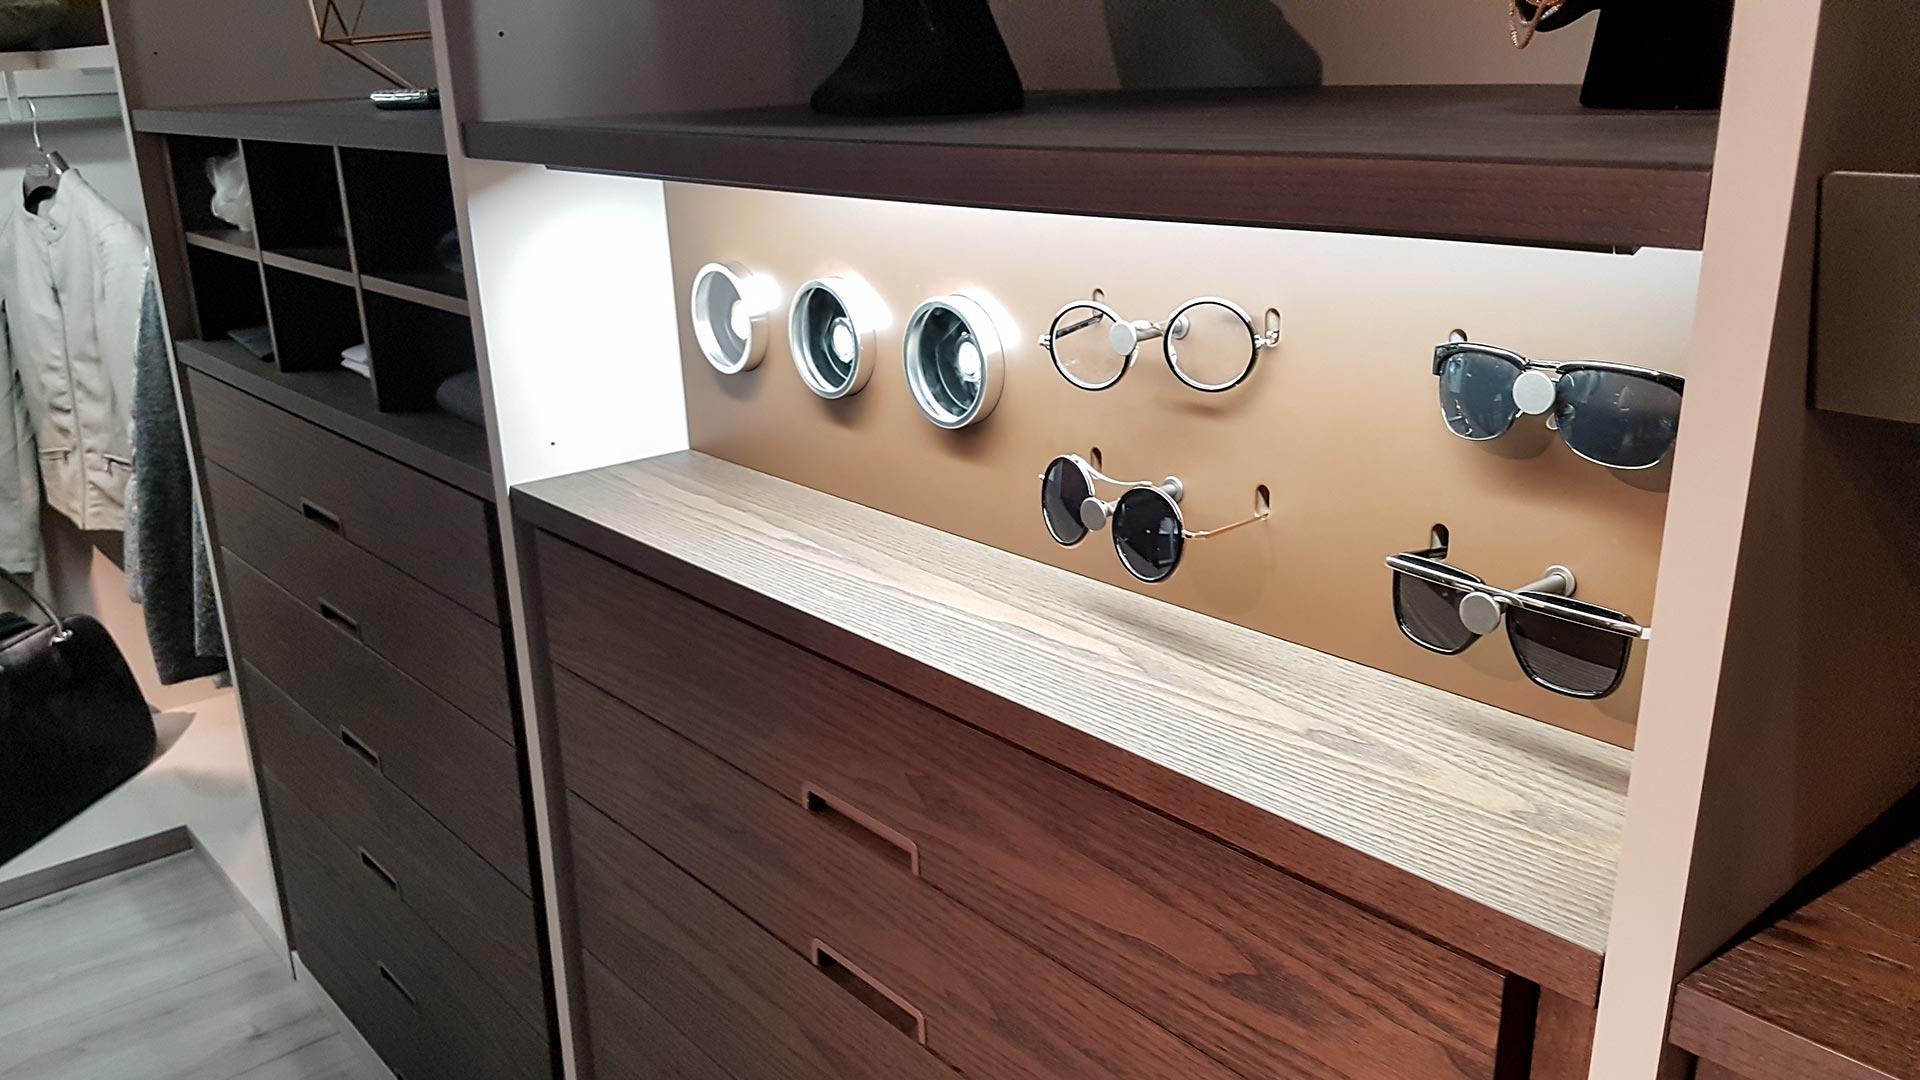 Brillenhalter und Uhrenwender. Dieses Ankleidesystem nimmt Accessoires gekonnt auf und inszeniert sie durch Beleuchtung